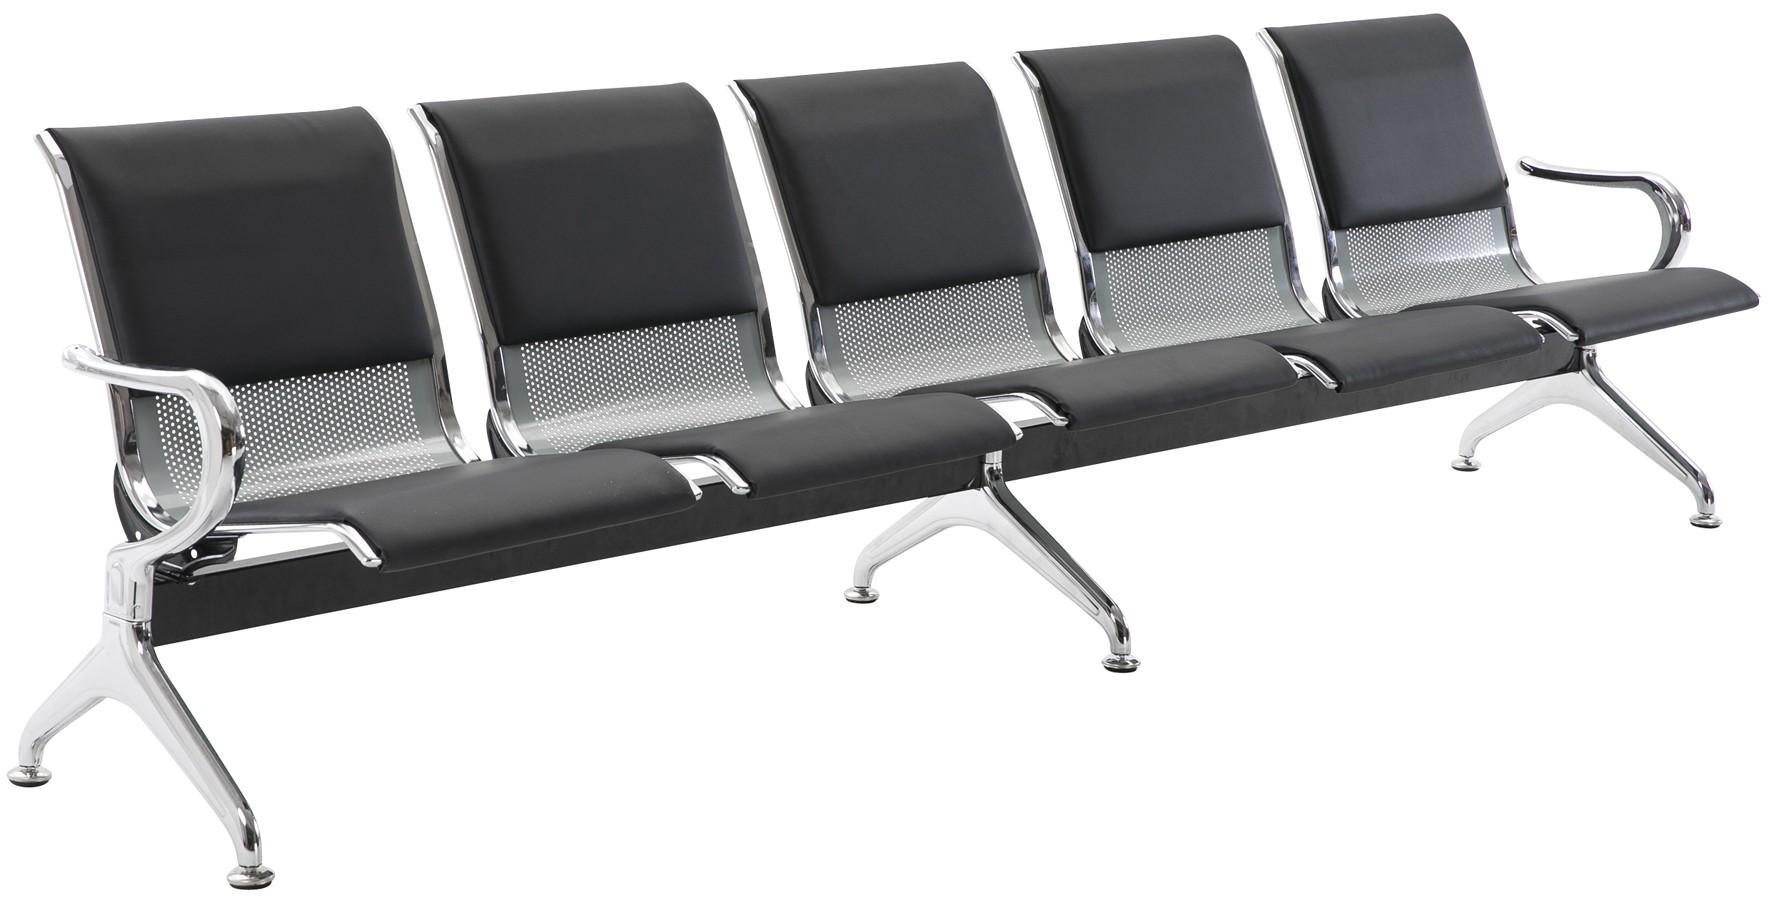 5er Wartebank Airport Kunstleder